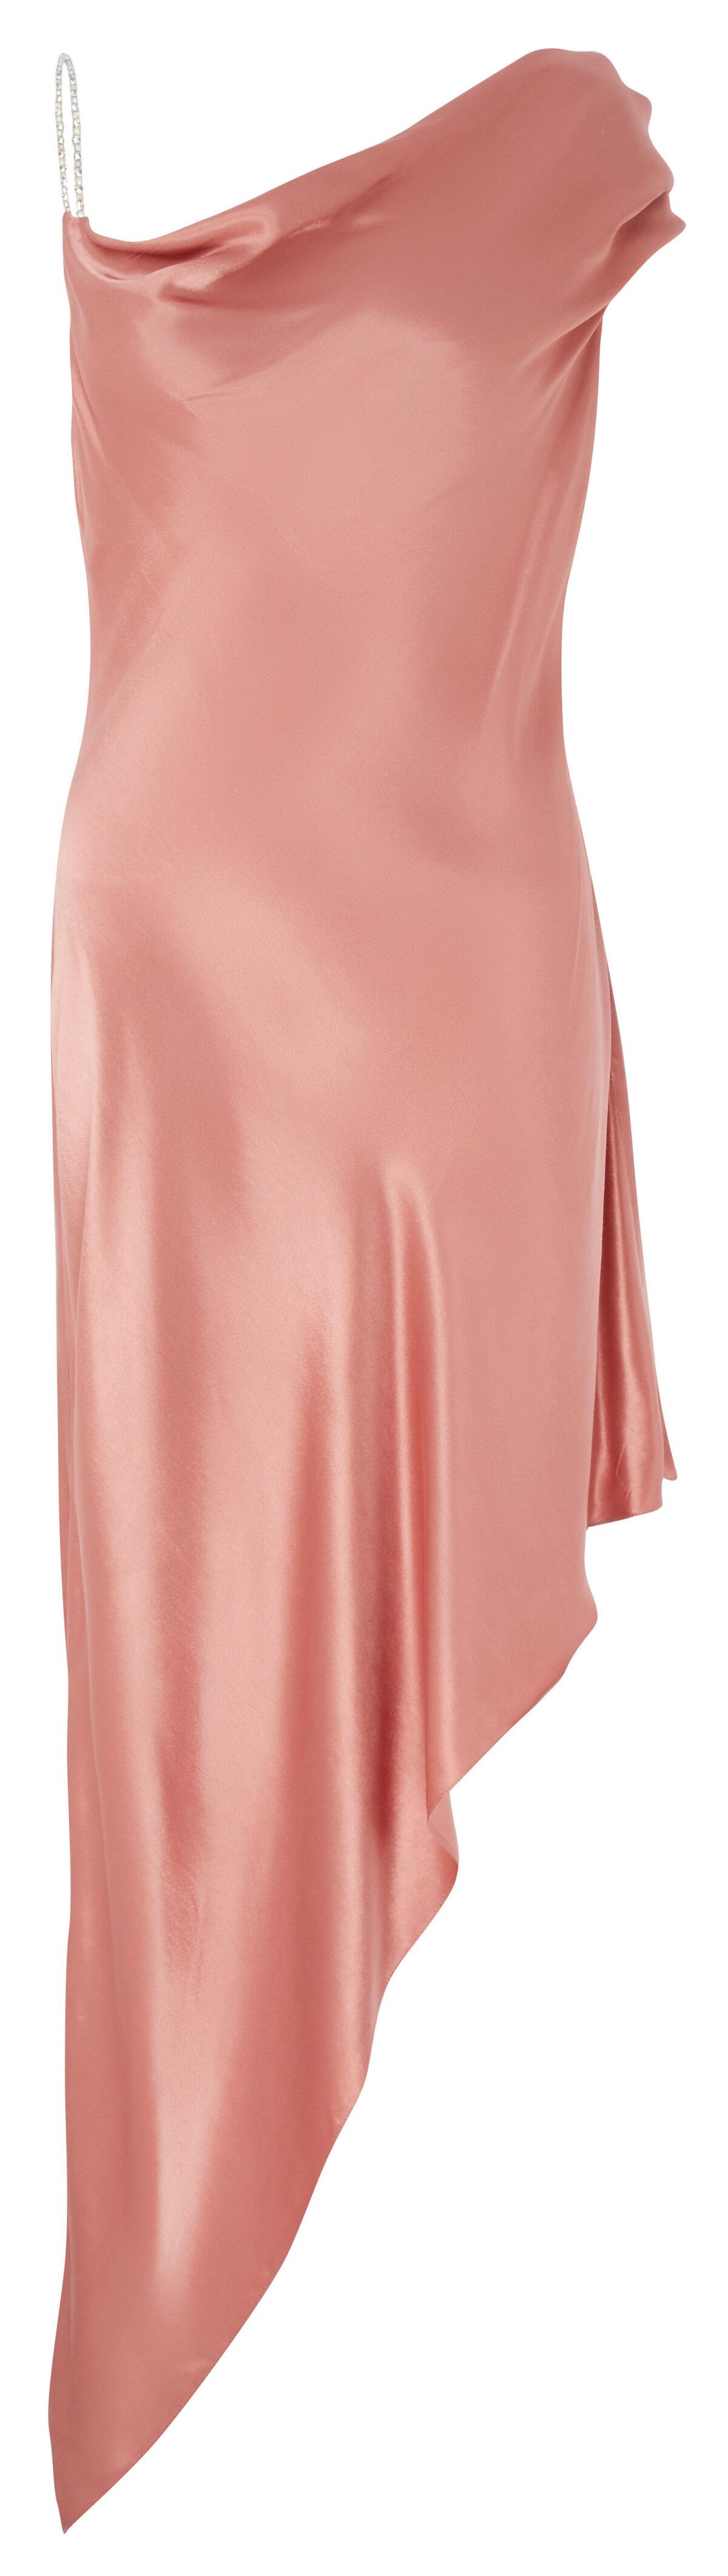 Foto: pidulik kleit, 64.95€